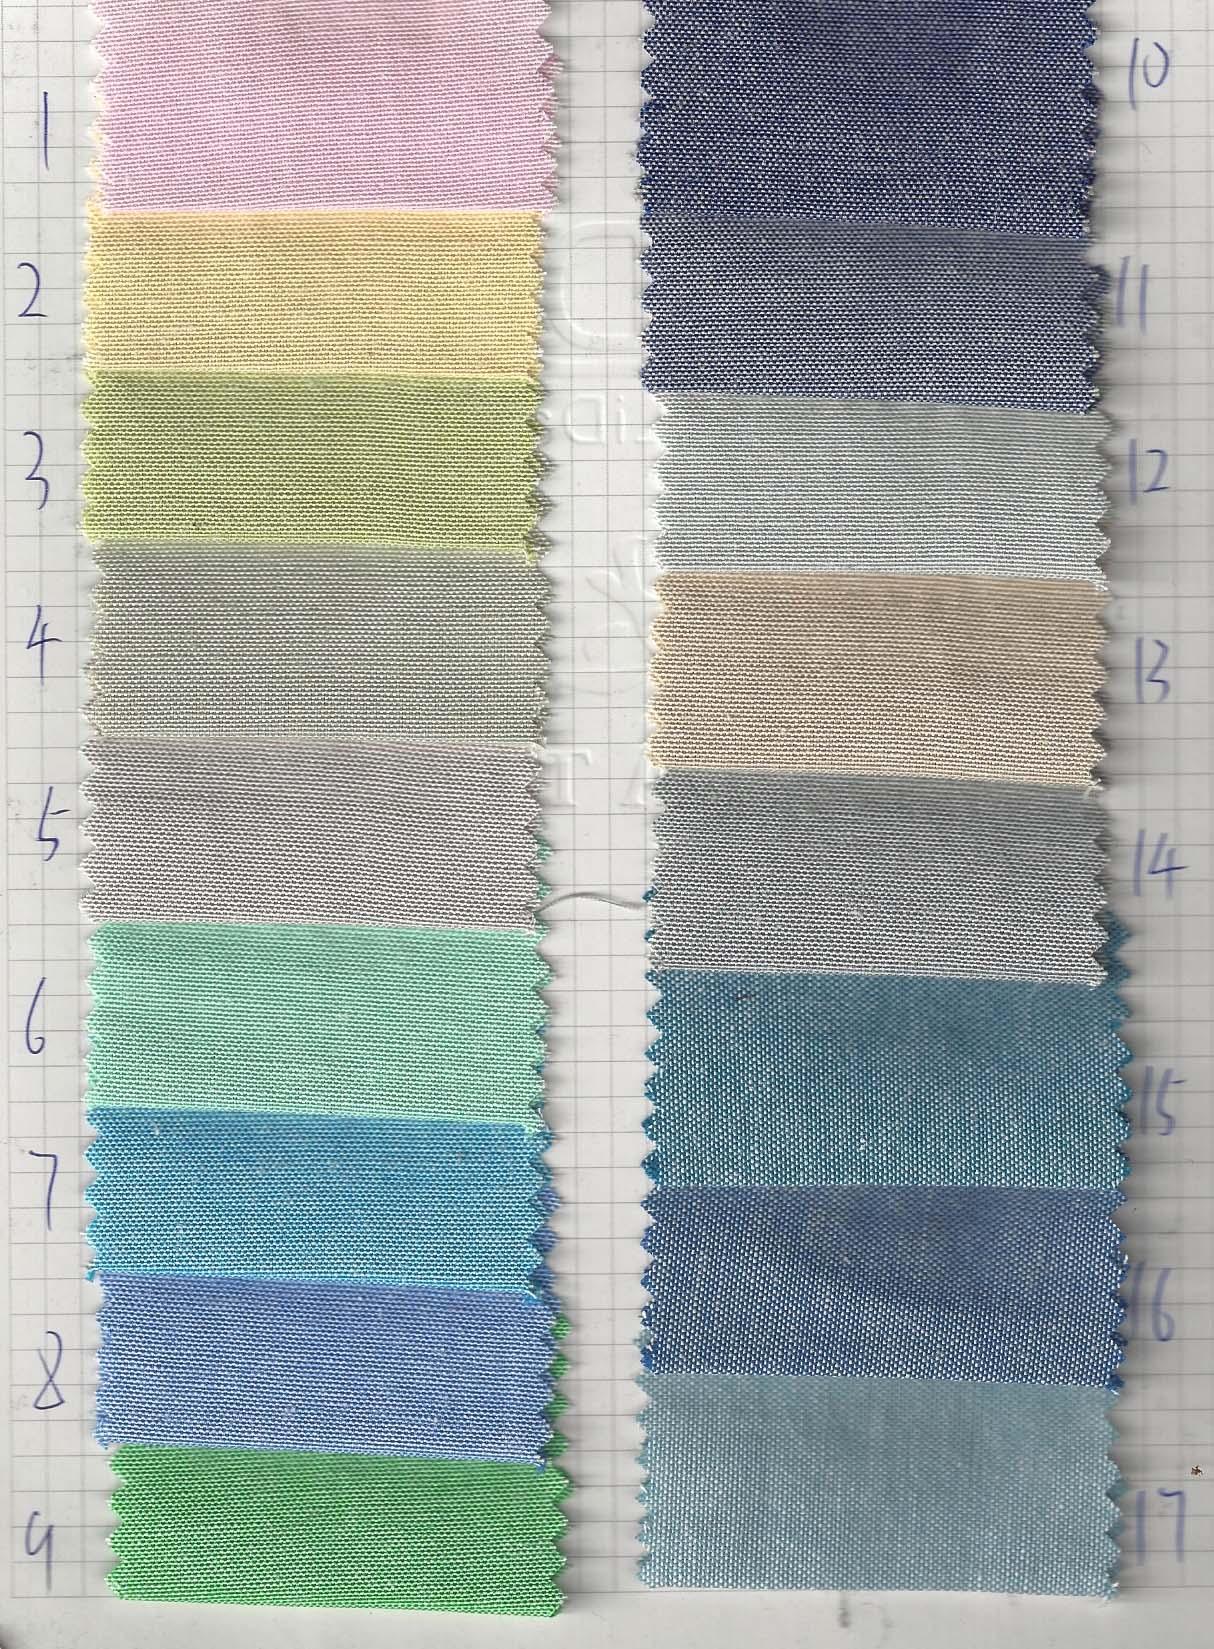 Yonglida Textile Oxford 73.jpg